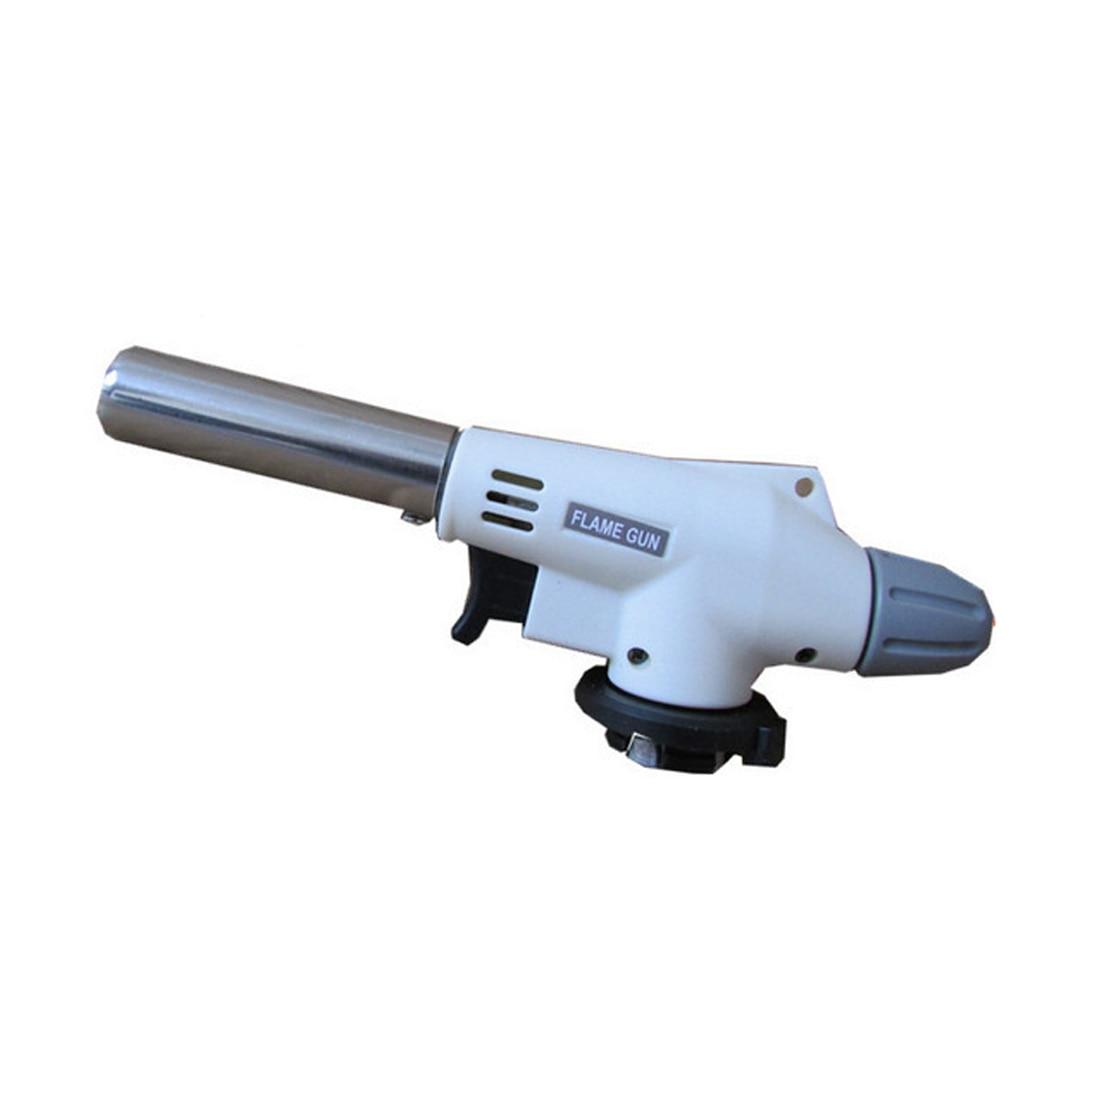 Gas antorcha llama arma Blowtorch cocina soldadura butano autoignición gas quemador encendedor soldadura calefacción llama del quemador de Gas